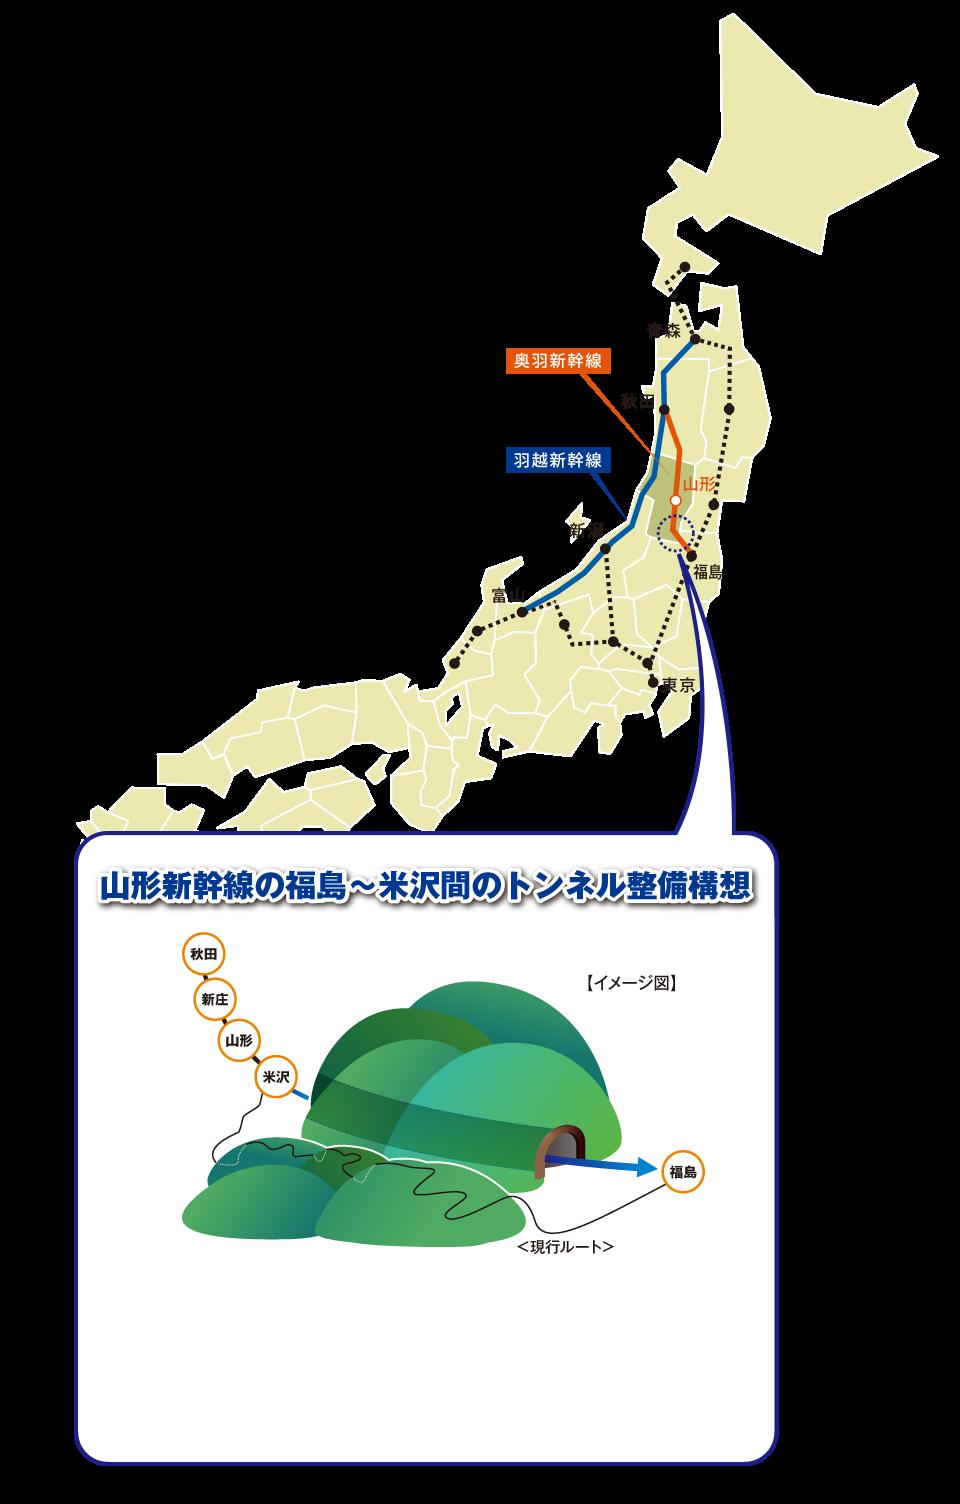 奥羽・羽越新幹線ルートイメージ